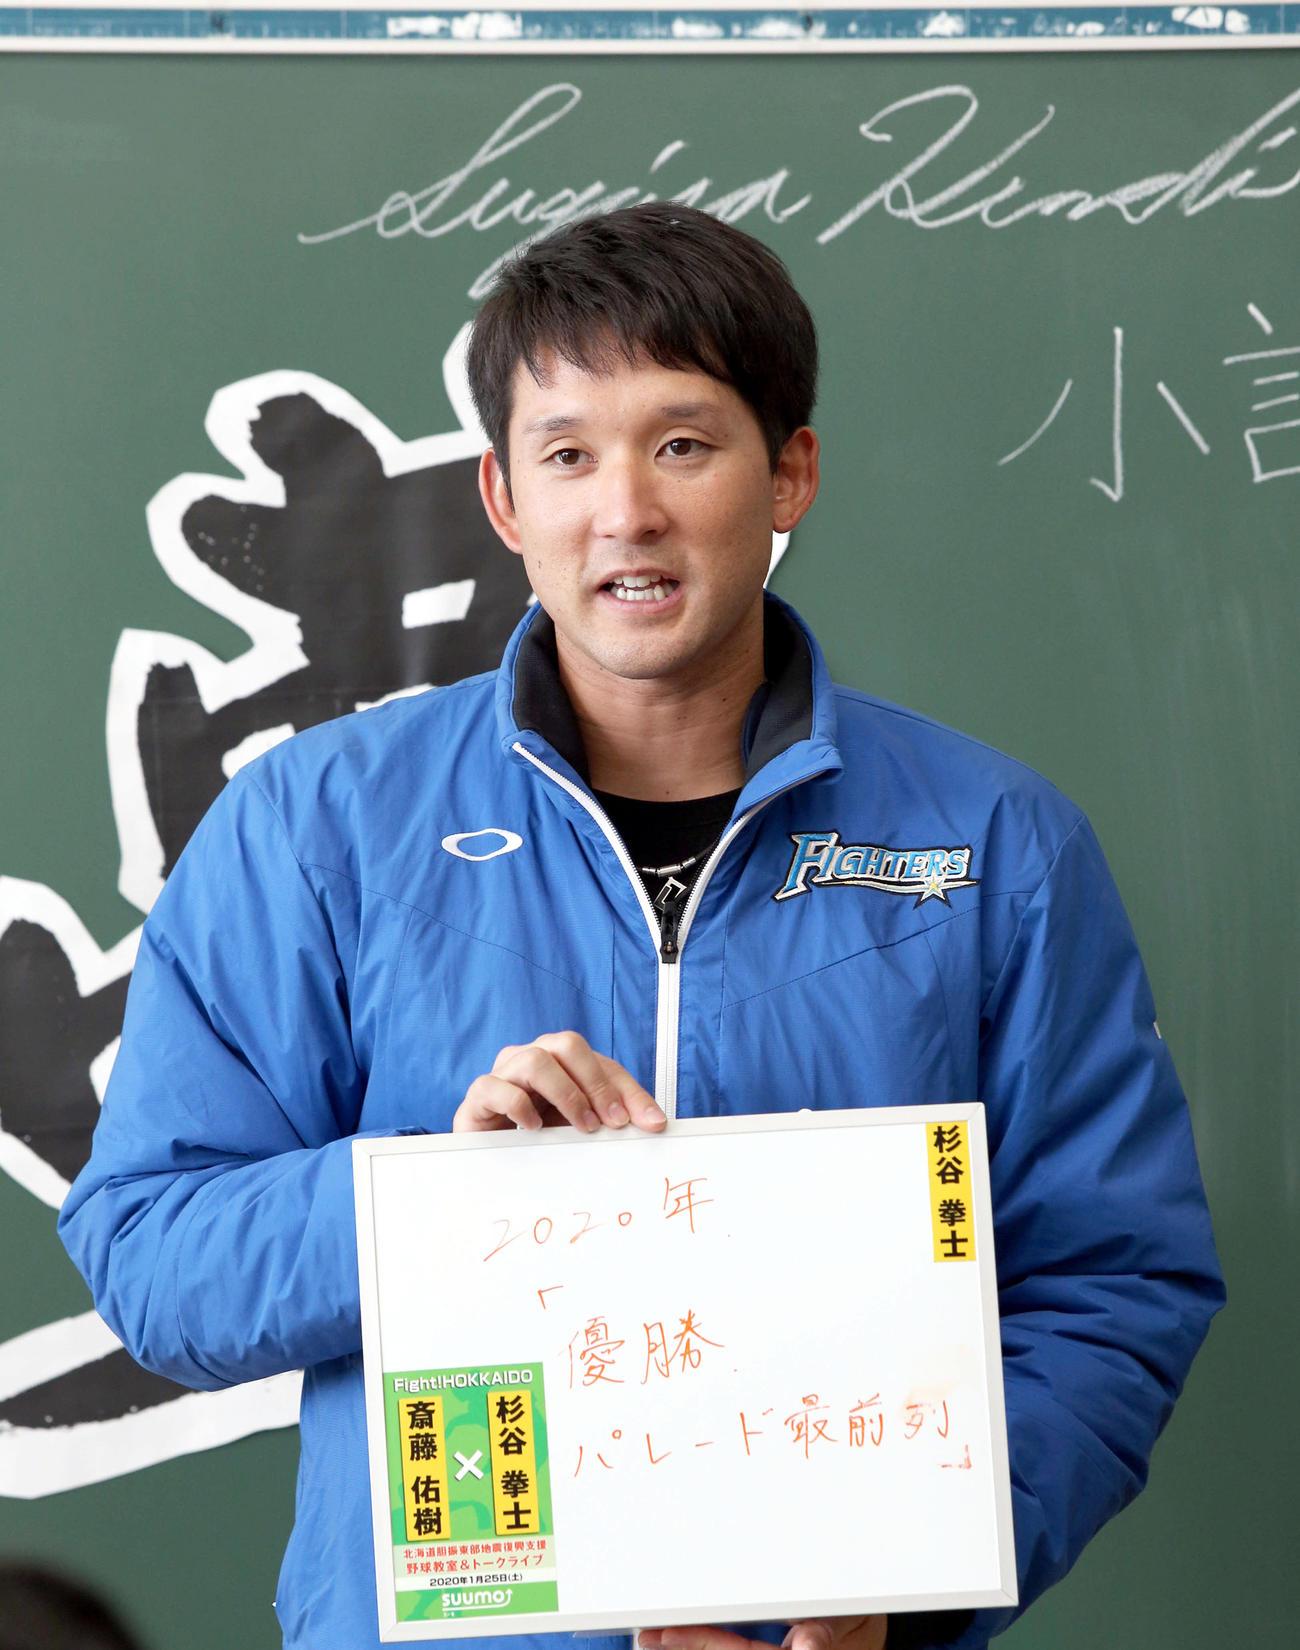 特別授業で自身の夢を語る日本ハム杉谷(撮影・佐藤翔太)